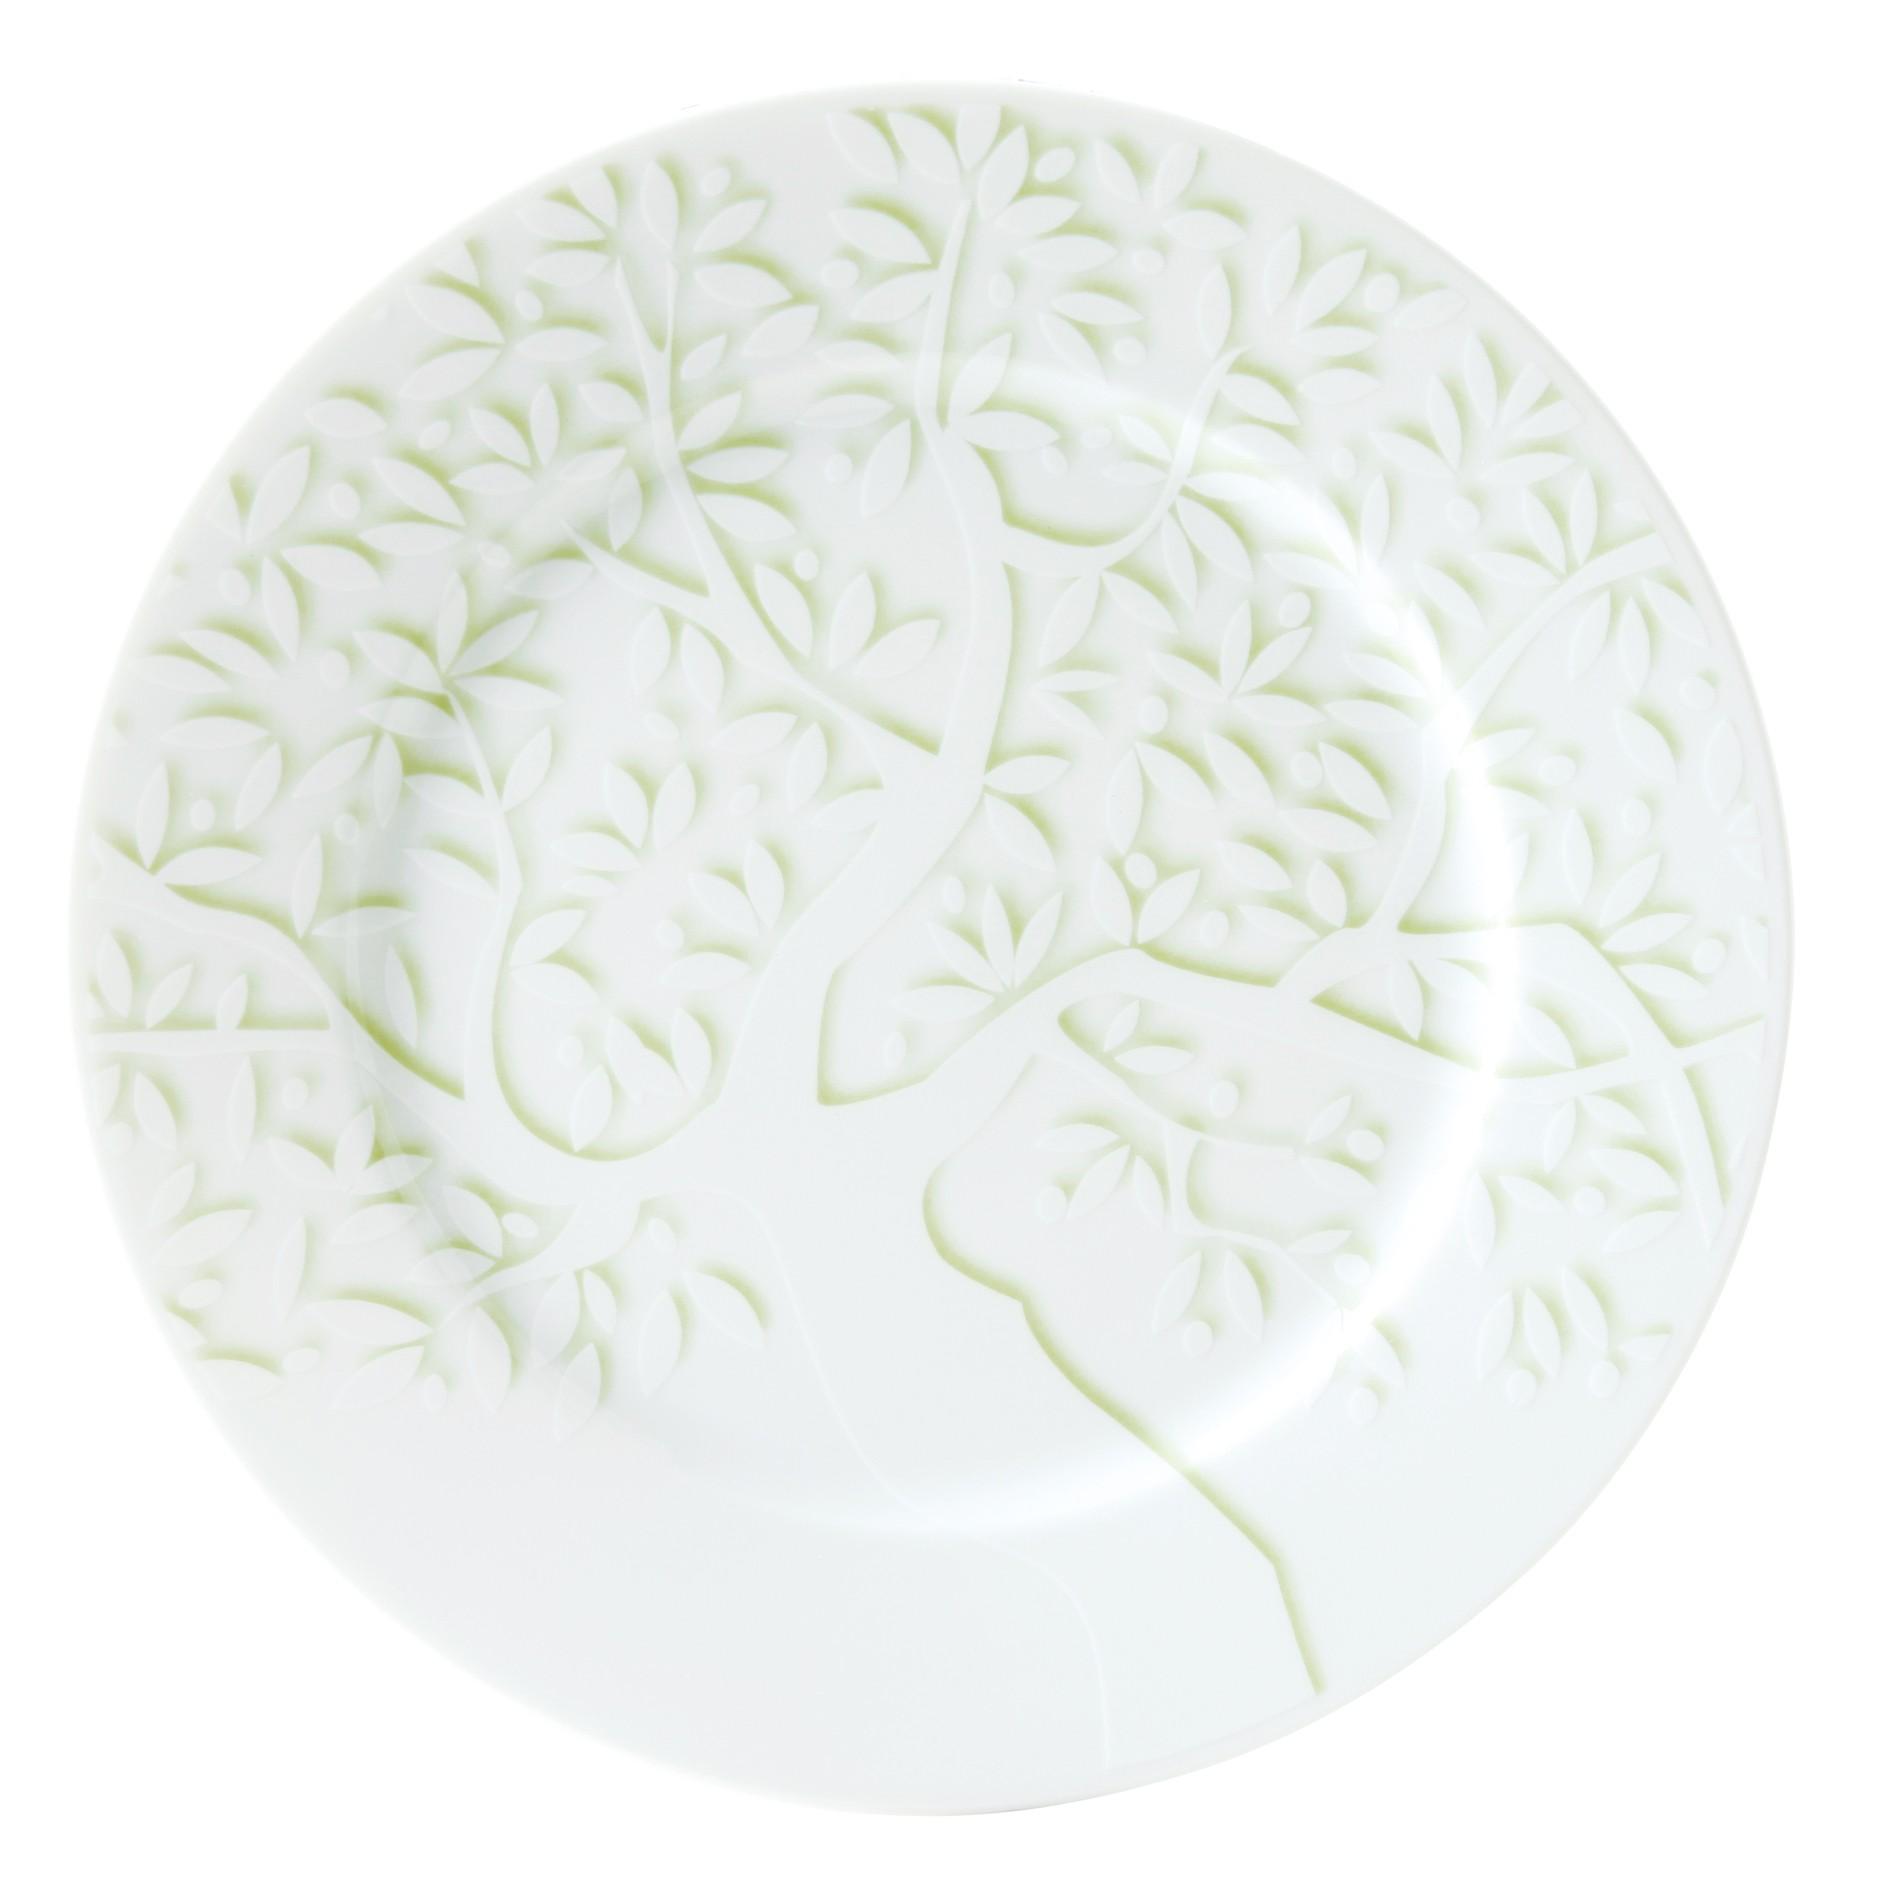 Πιάτο Ρηχό Σετ 6Τμχ Ελαιώνας 26cm ionia home   ειδη σερβιρισματος   πιάτα